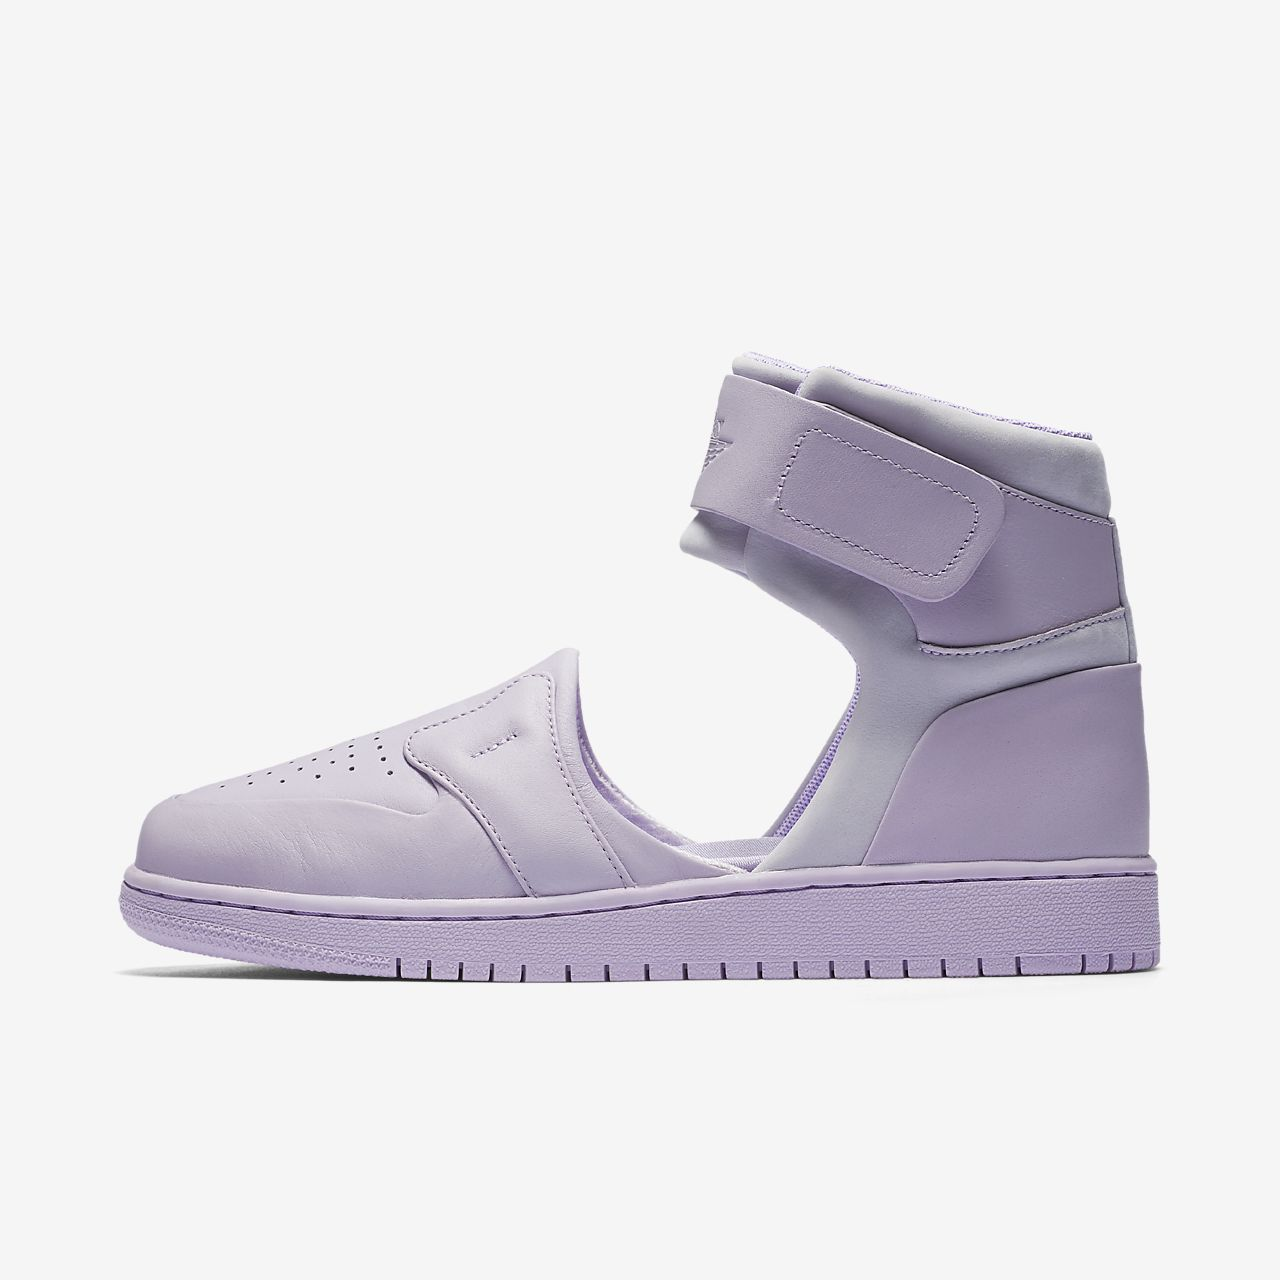 Jordan AJ1 Lover XX Kadın Ayakkabısı